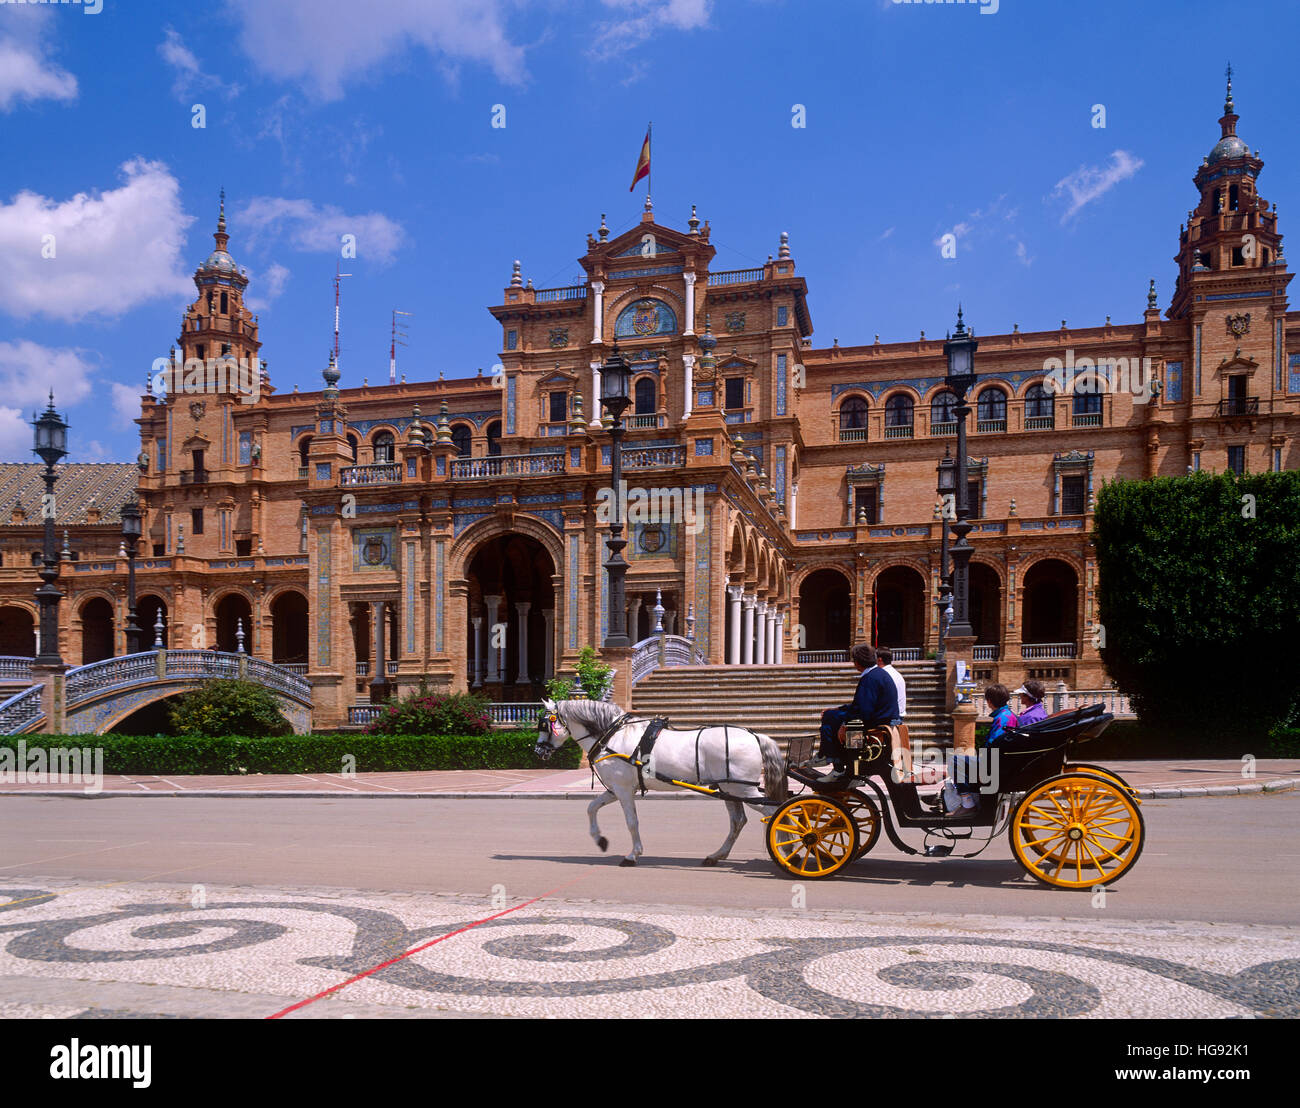 Les touristes en calèche à la Plaza de España, Séville, Andalousie, Espagne Photo Stock